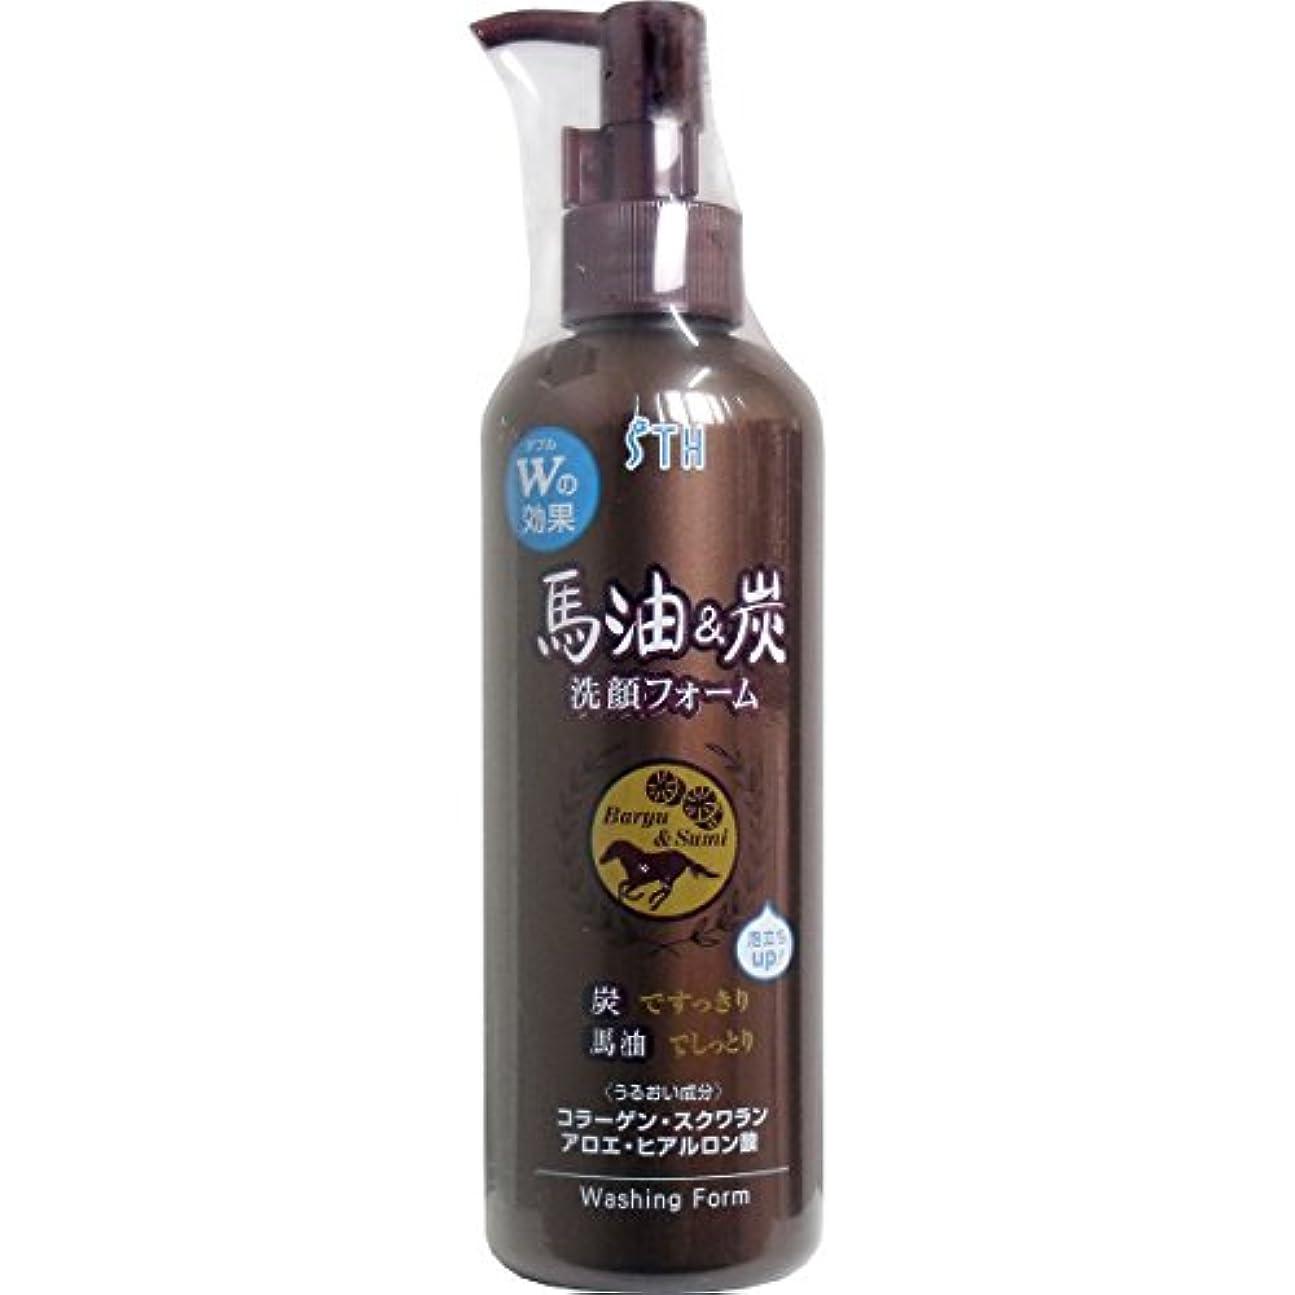 逮捕近所のサポート馬油&炭 洗顔フォーム ポンプ 250ml 【2個セット】